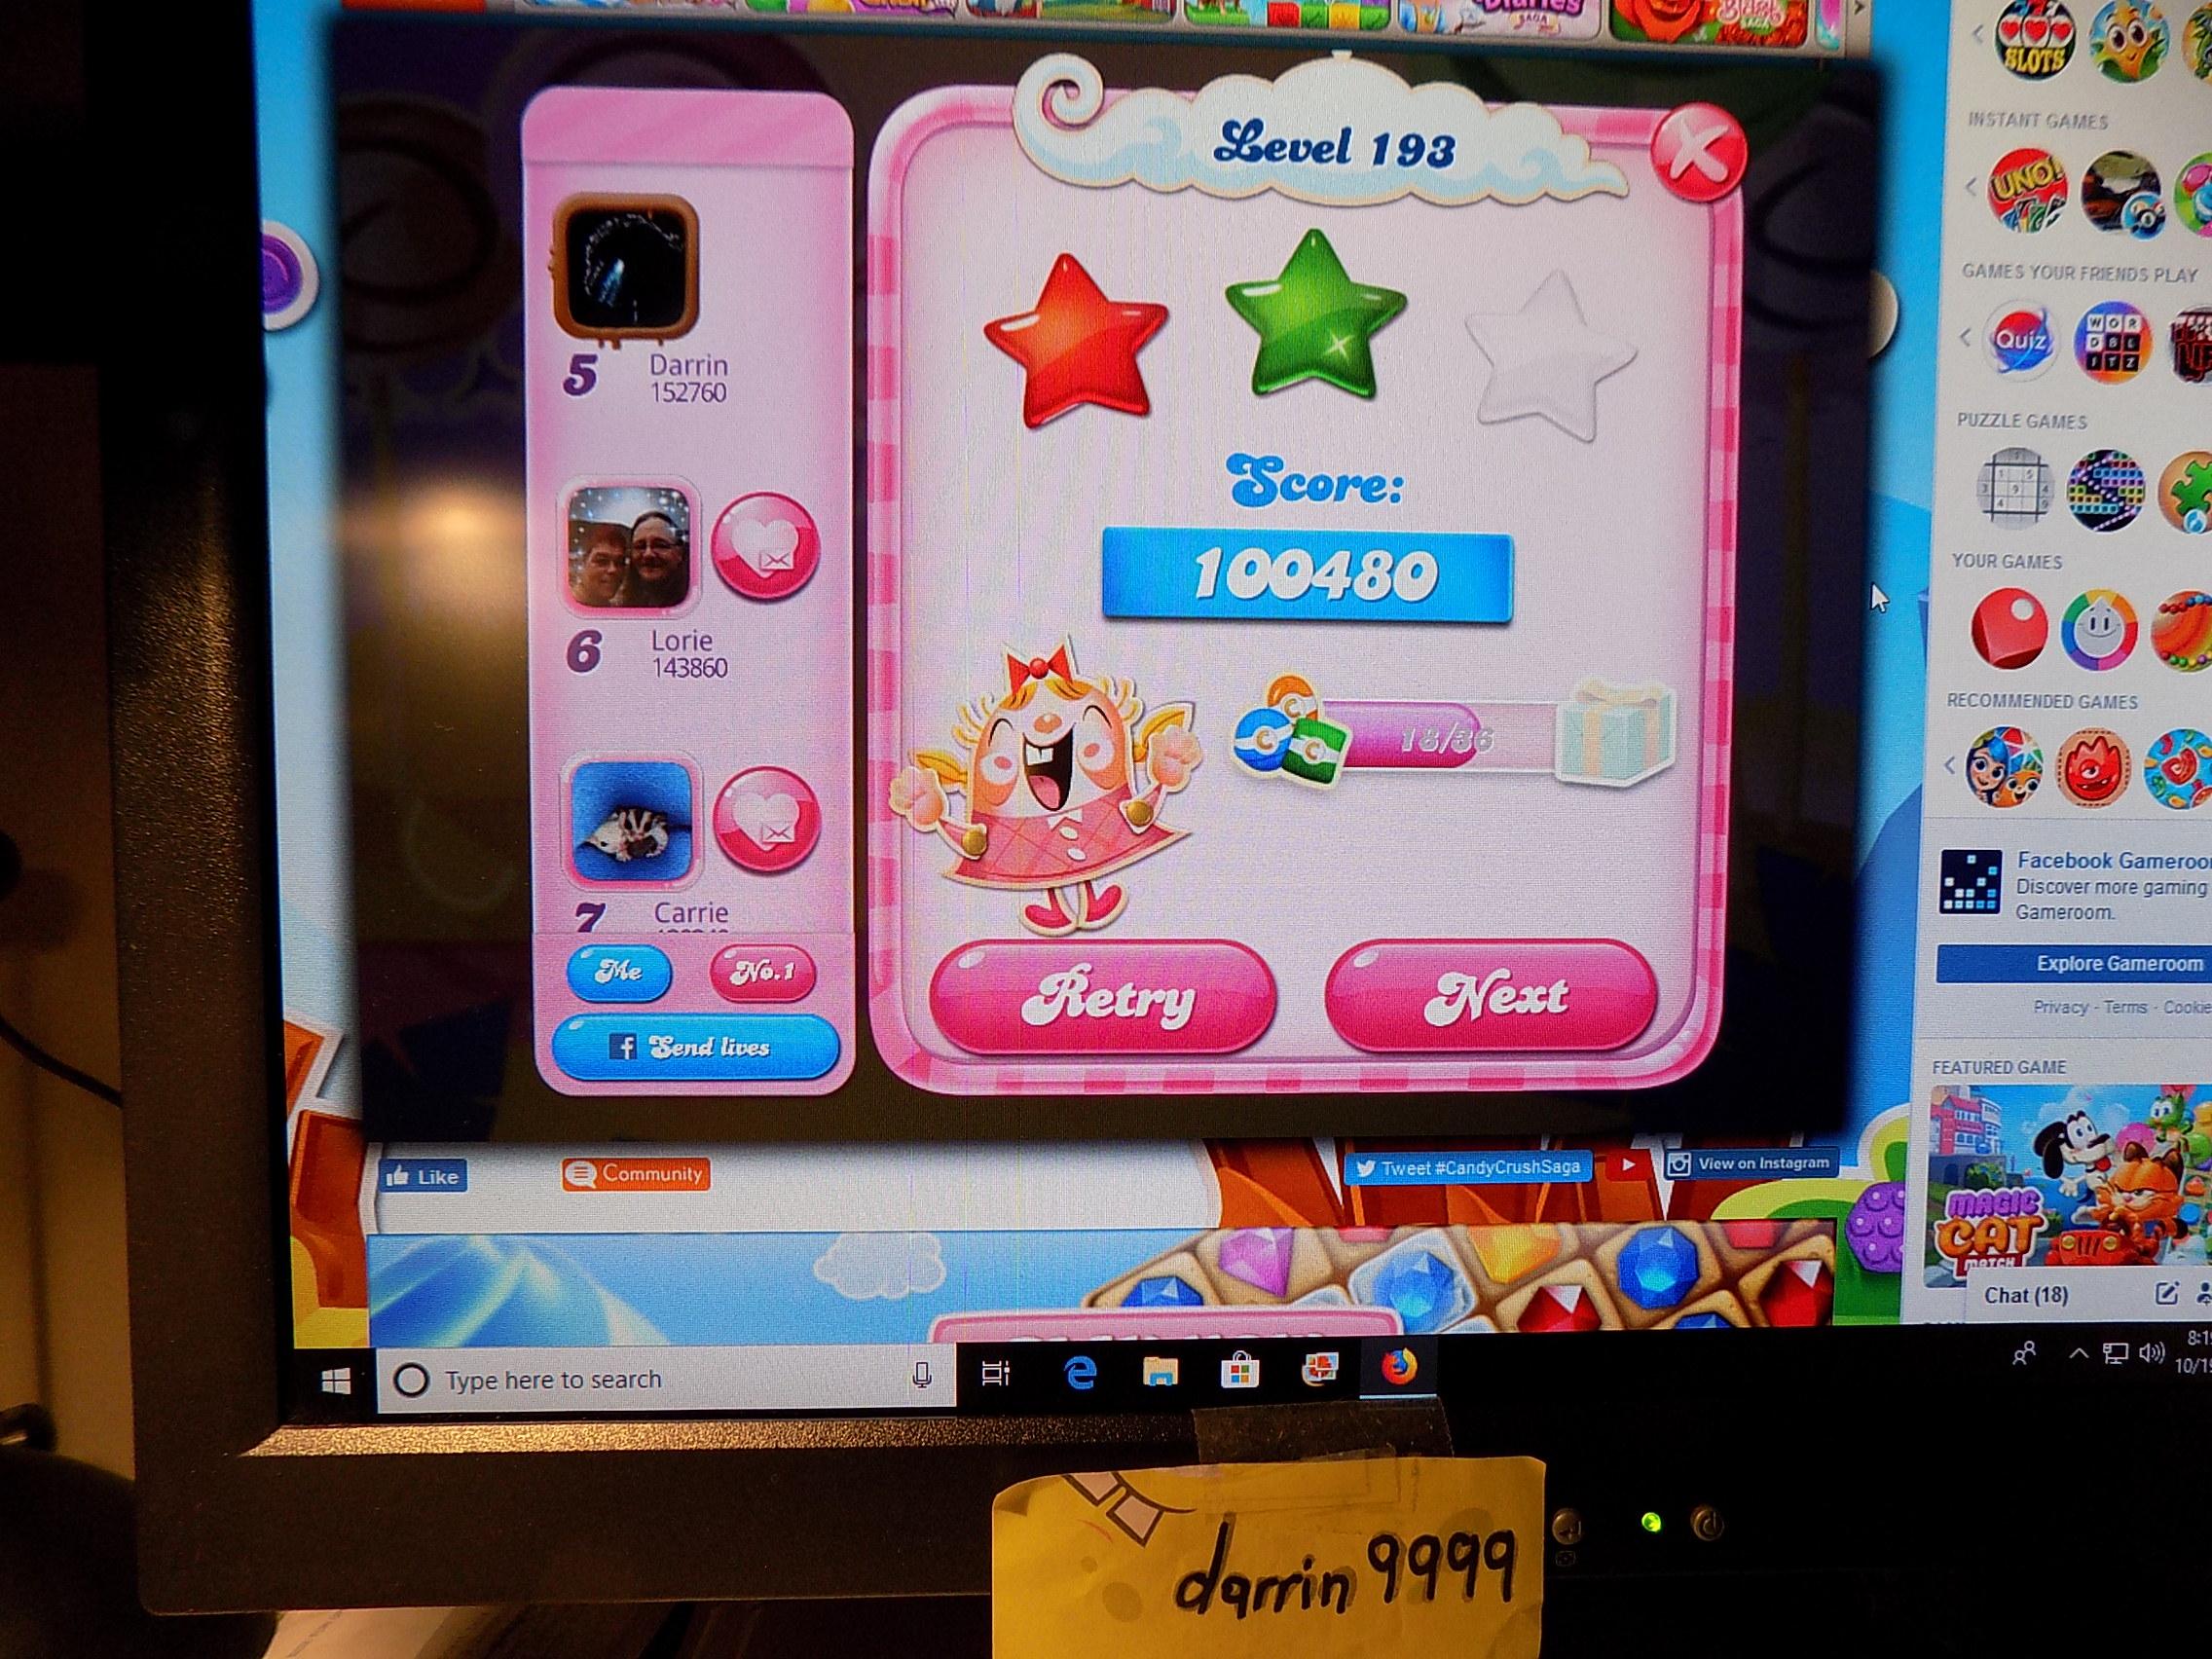 darrin9999: Candy Crush Saga: Level 193 (Web) 100,480 points on 2019-10-26 14:11:56